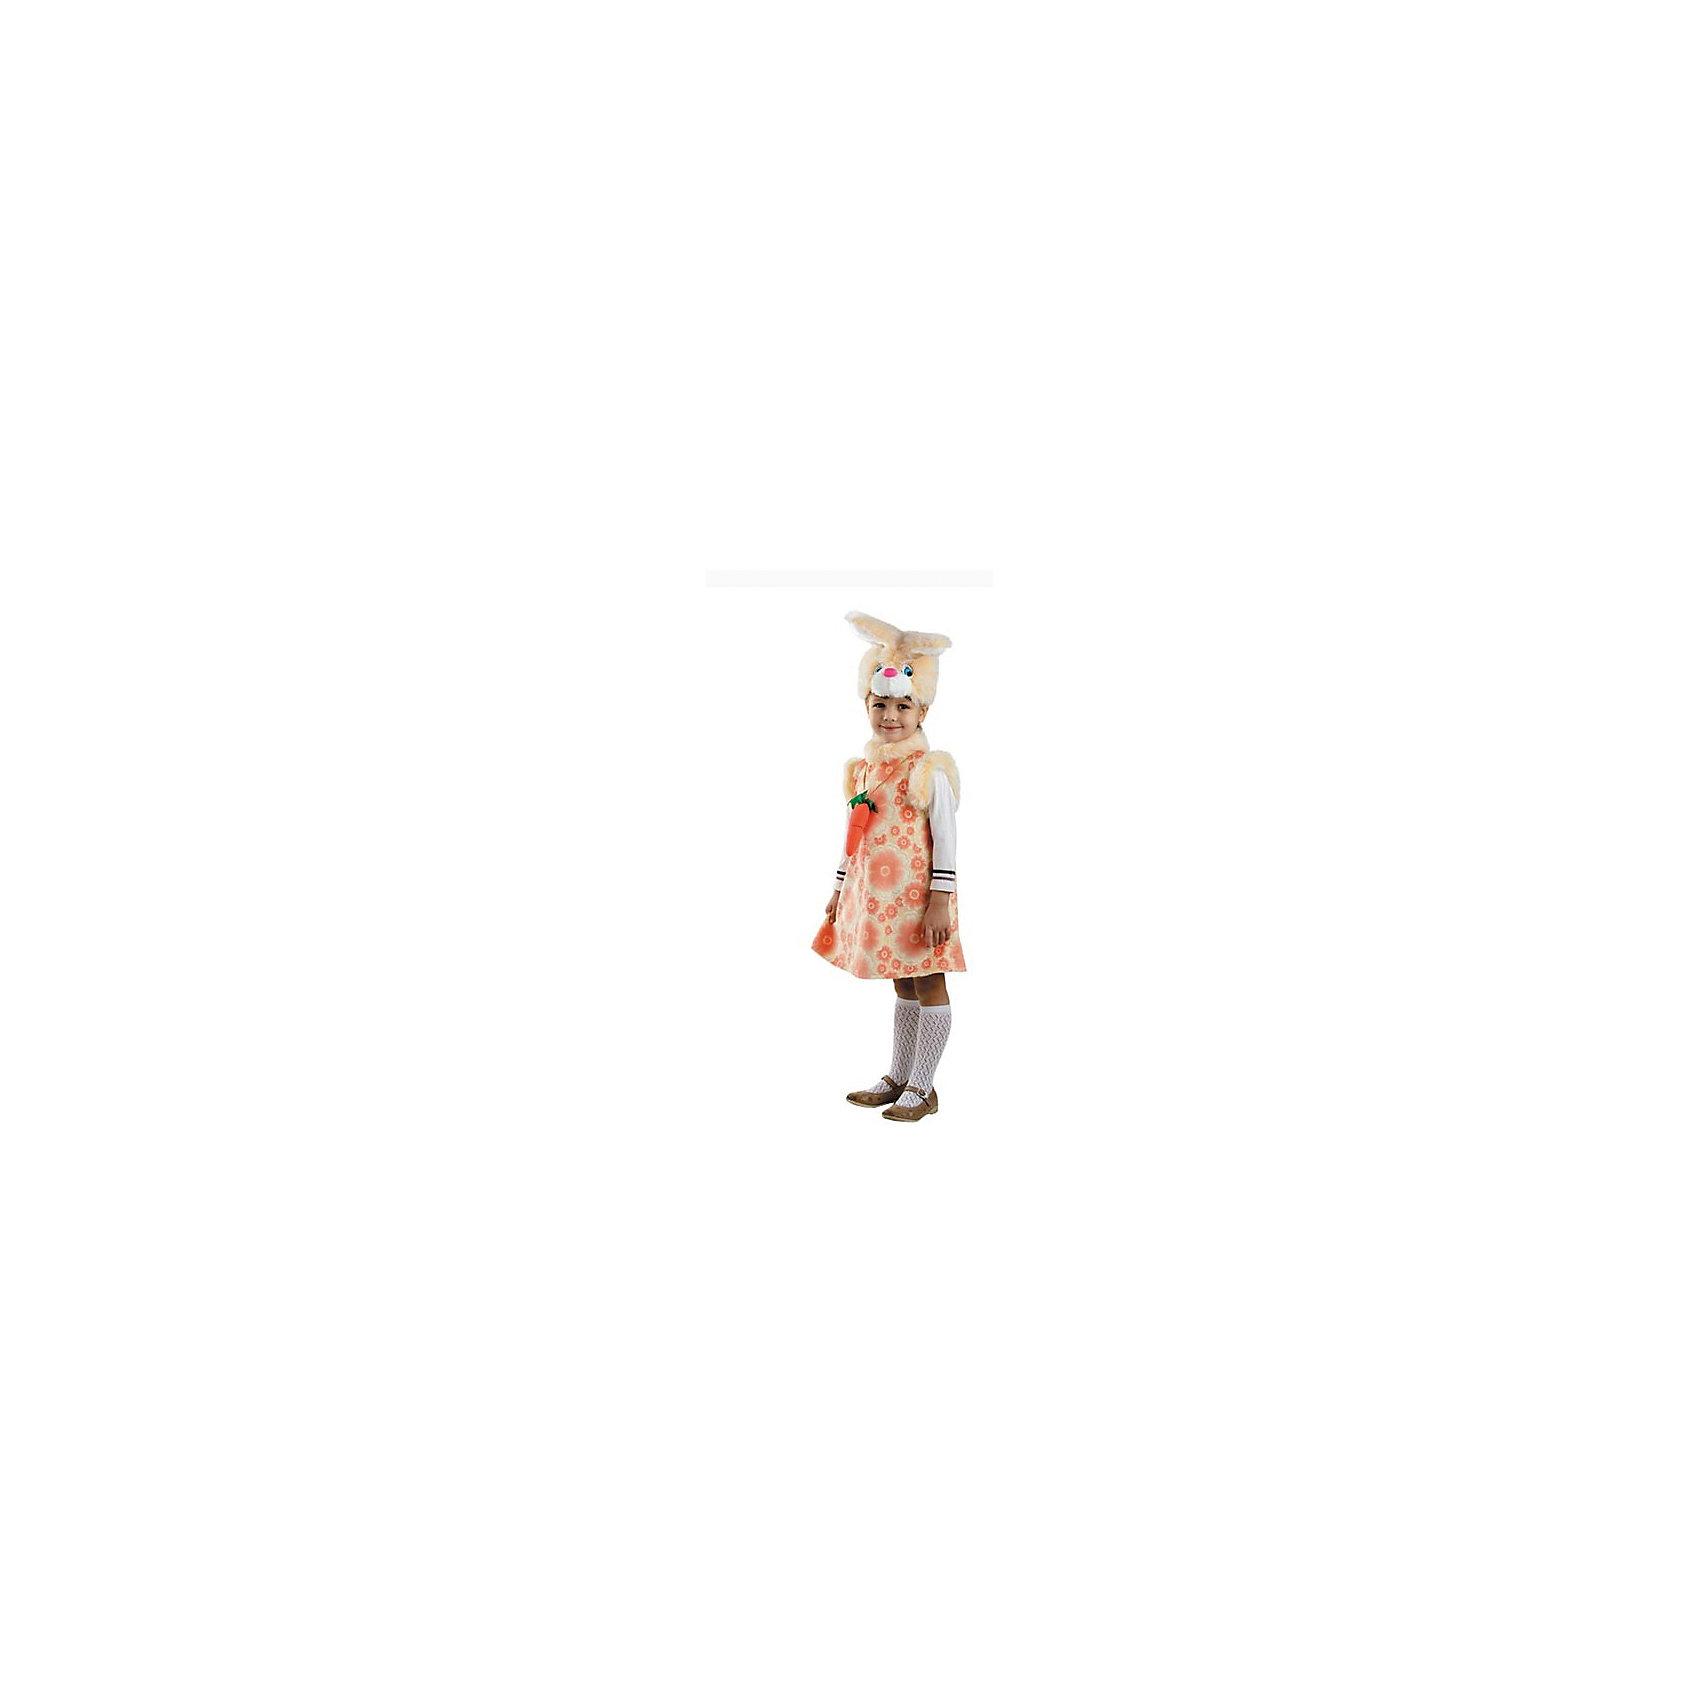 Карнавальный костюм Зайка Липси, БатикКарнавальные костюмы для девочек<br>Карнавальный костюм Зайка Липси, Батик<br><br>Характеристики:<br><br>• Материал:плюш, мех искусственный, х/б подкладка маски-шапочки. <br>• Цвет: бежевый, розовый.<br>• В комплект входит: шапочка-маска, сарафан.<br><br>Карнавальный костюм Зайка Липси, Батик, превратит вашу девочку в очаровательного заиньку. Красивый сарафан в розовый цветочек понравится девочкам, а маска  с ушками и розовым носиком дополнит образ  нежного и трогательного  зайки.<br><br>Карнавальный костюм Зайка Липси,  Батик, можно купить в нашем интернет- магазине!<br><br>Ширина мм: 500<br>Глубина мм: 50<br>Высота мм: 700<br>Вес г: 600<br>Цвет: белый<br>Возраст от месяцев: 48<br>Возраст до месяцев: 60<br>Пол: Женский<br>Возраст: Детский<br>Размер: 28<br>SKU: 5092503